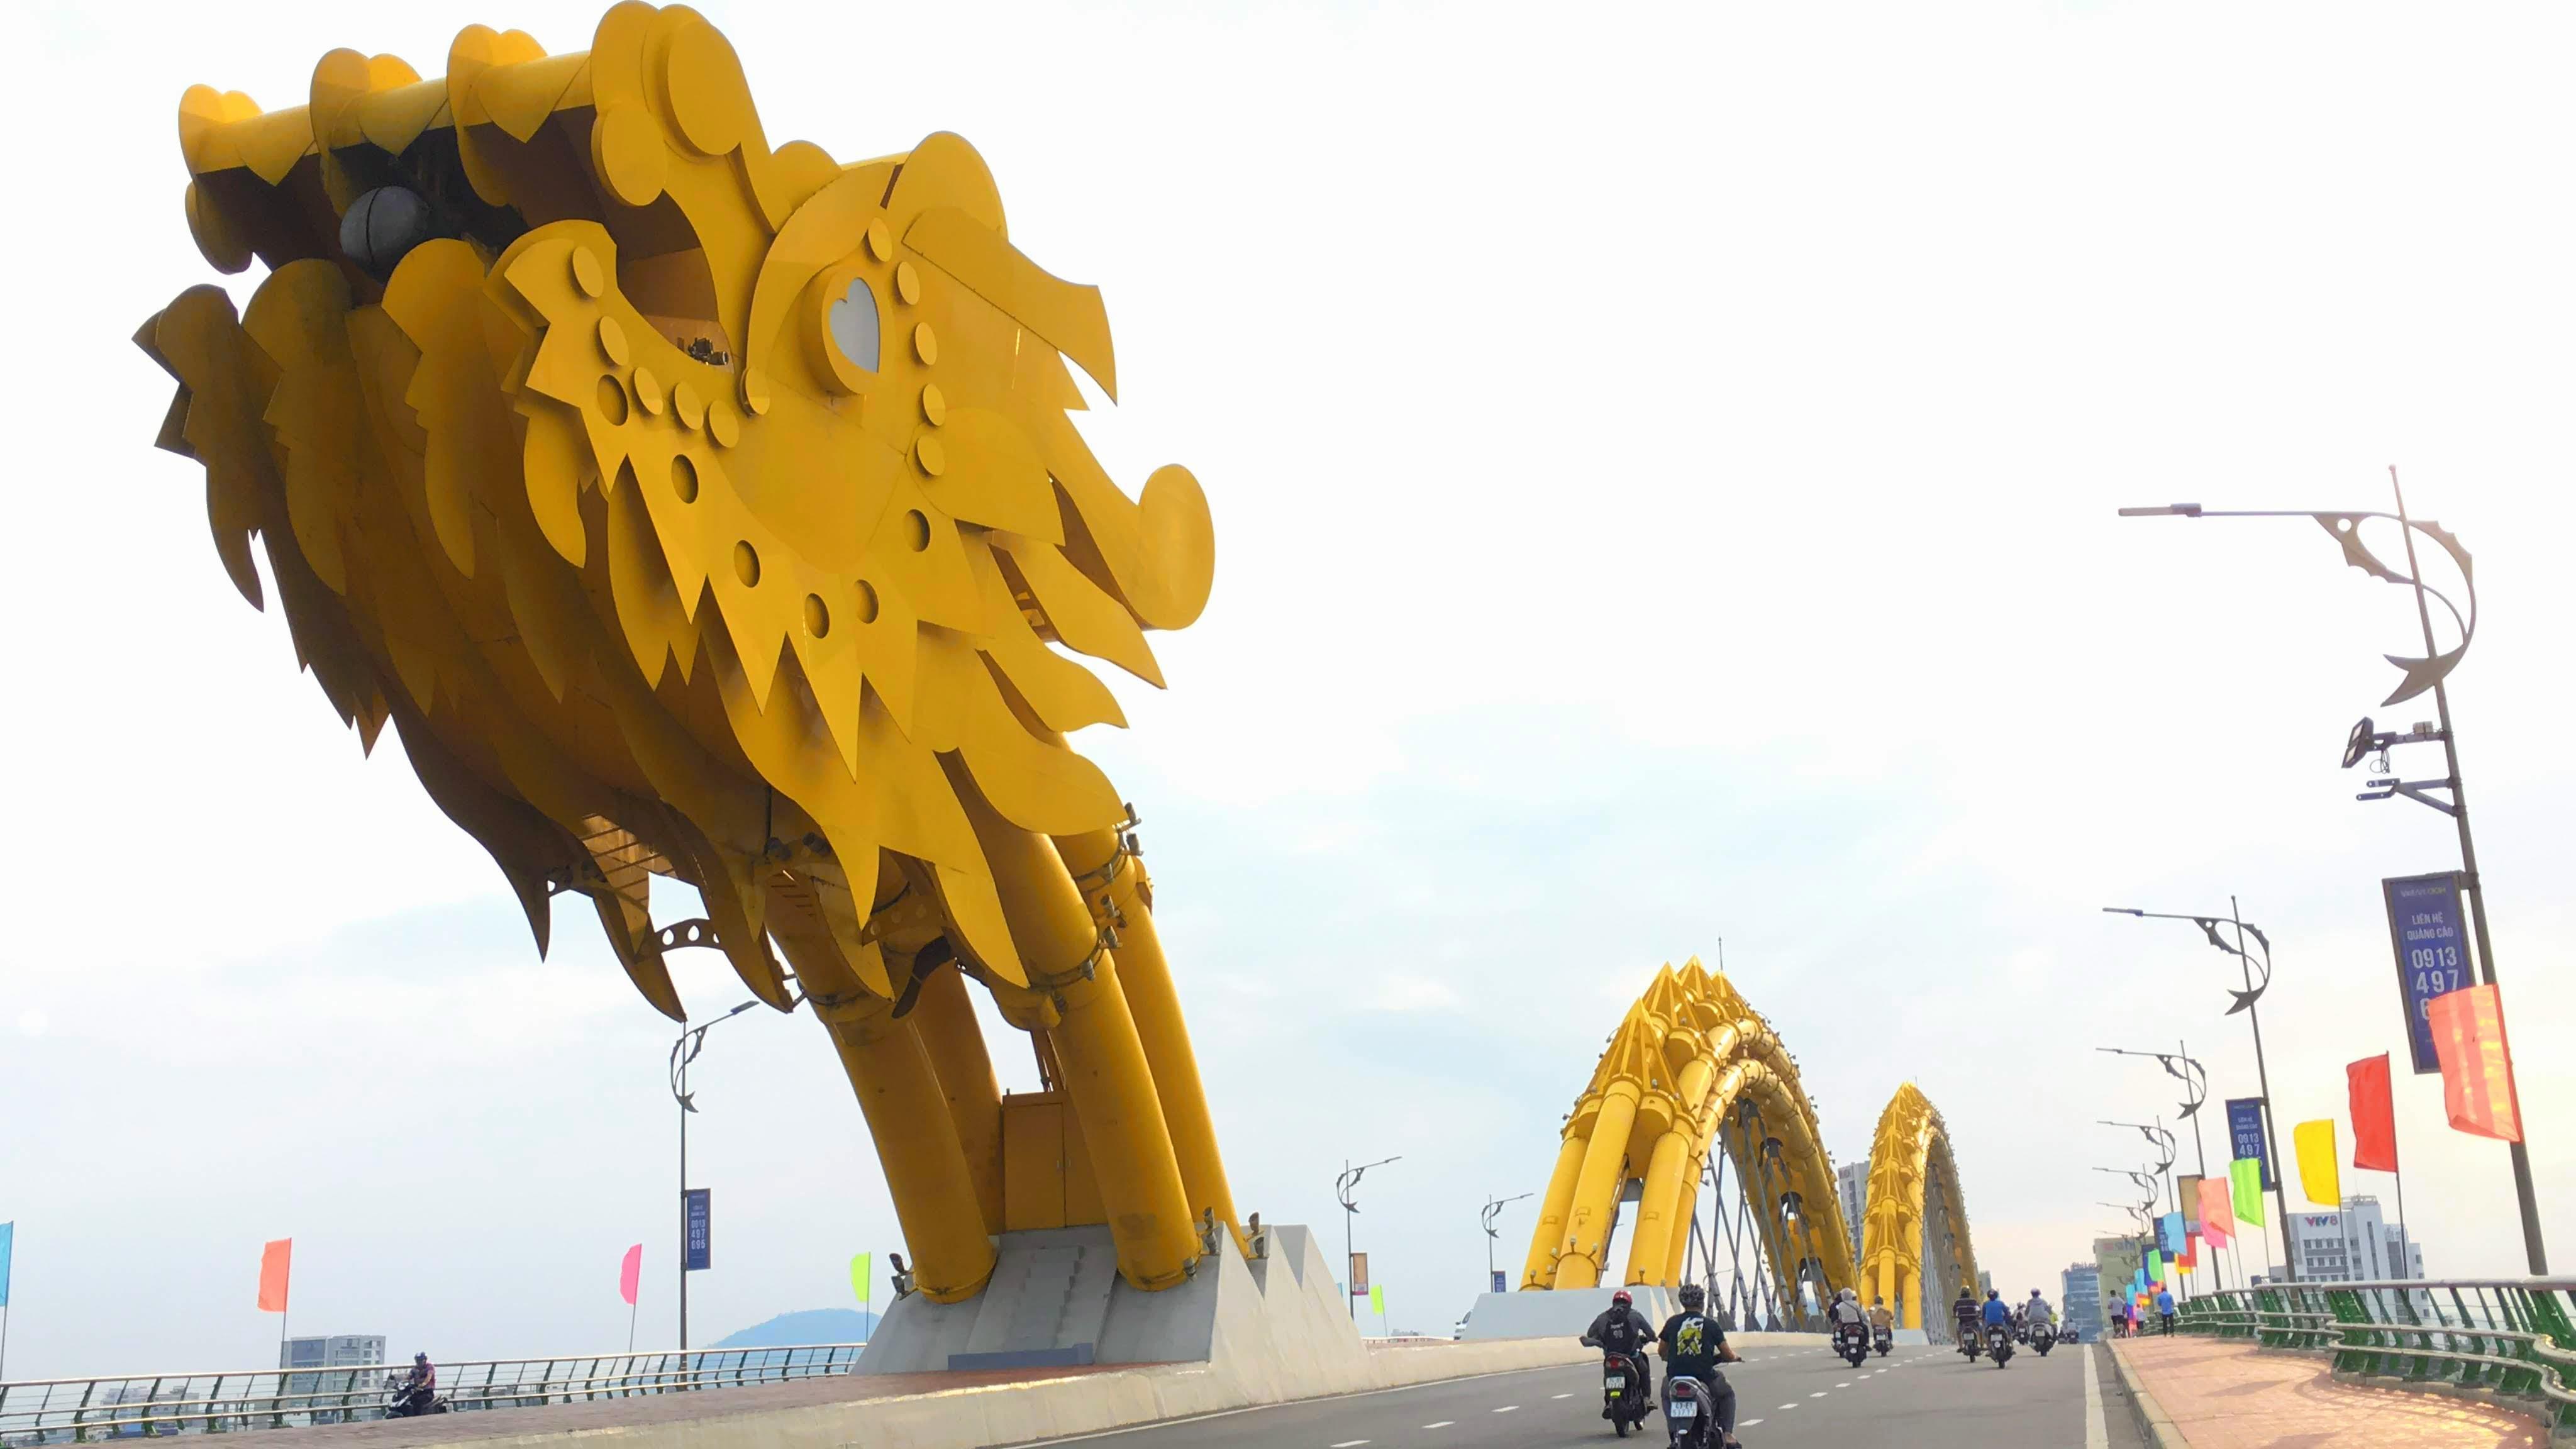 Các điểm du lịch nức tiếng Đà Nẵng trước kì nghỉ lễ 30/4 và 1/5 - Ảnh 15.